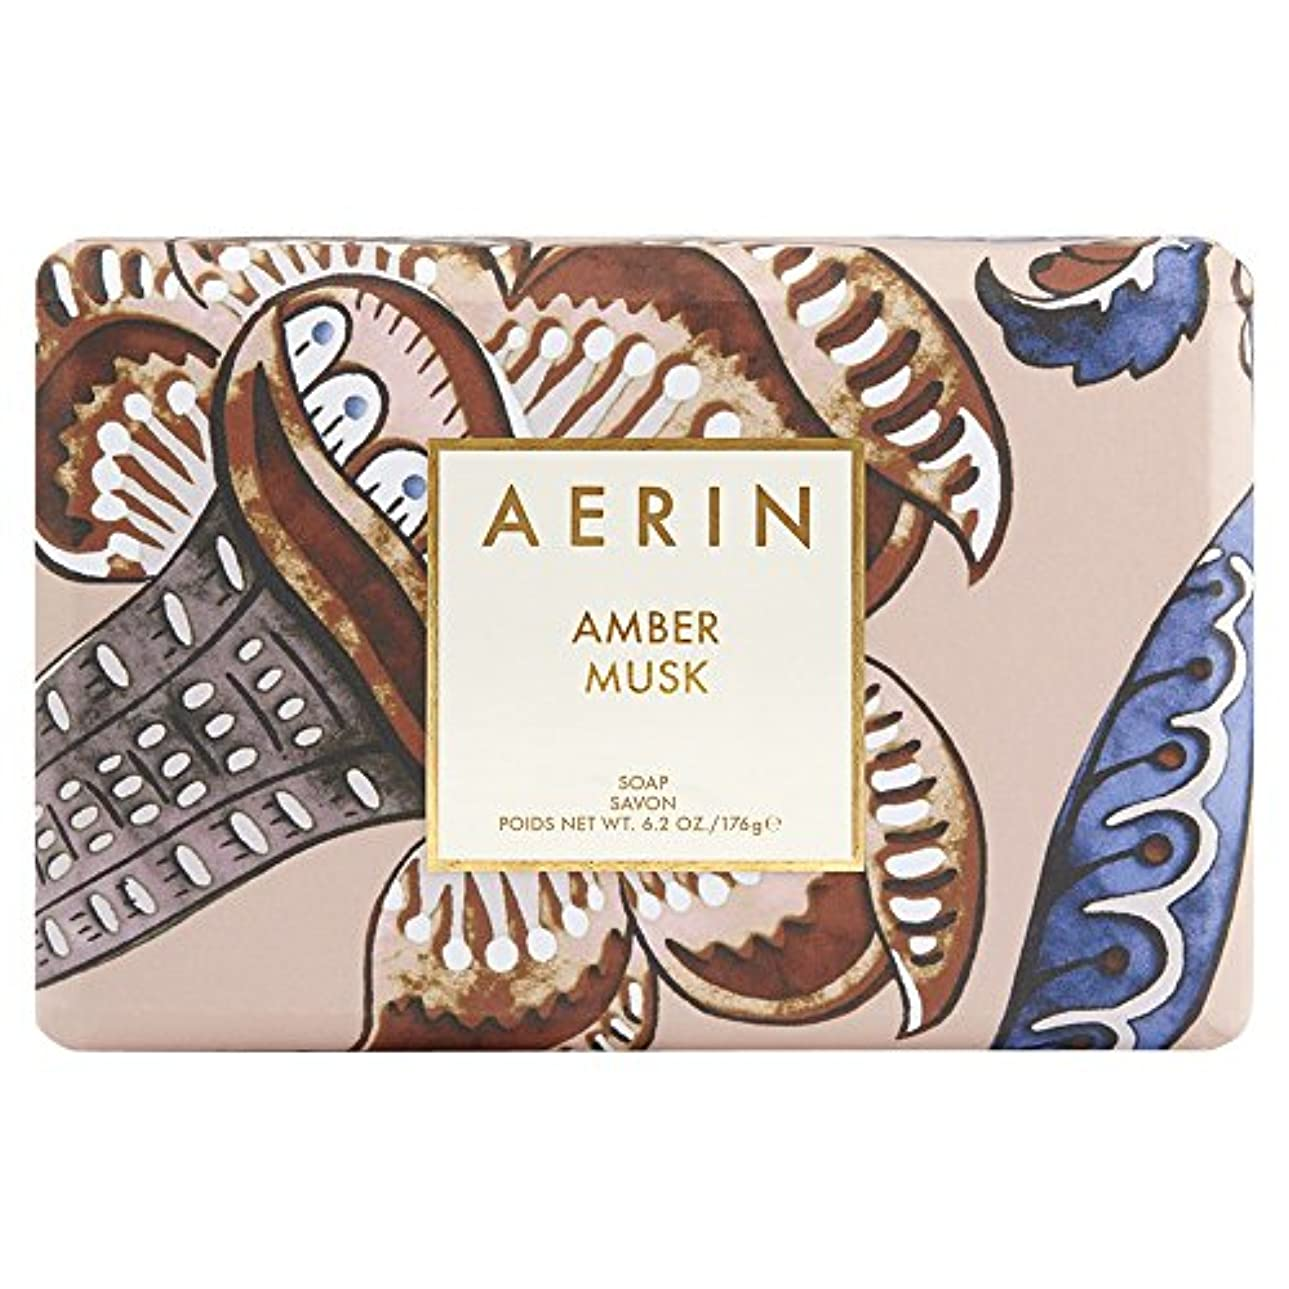 漂流出版脱走Aerinアンバームスクソープ176グラム (AERIN) (x2) - AERIN Amber Musk Soap 176g (Pack of 2) [並行輸入品]